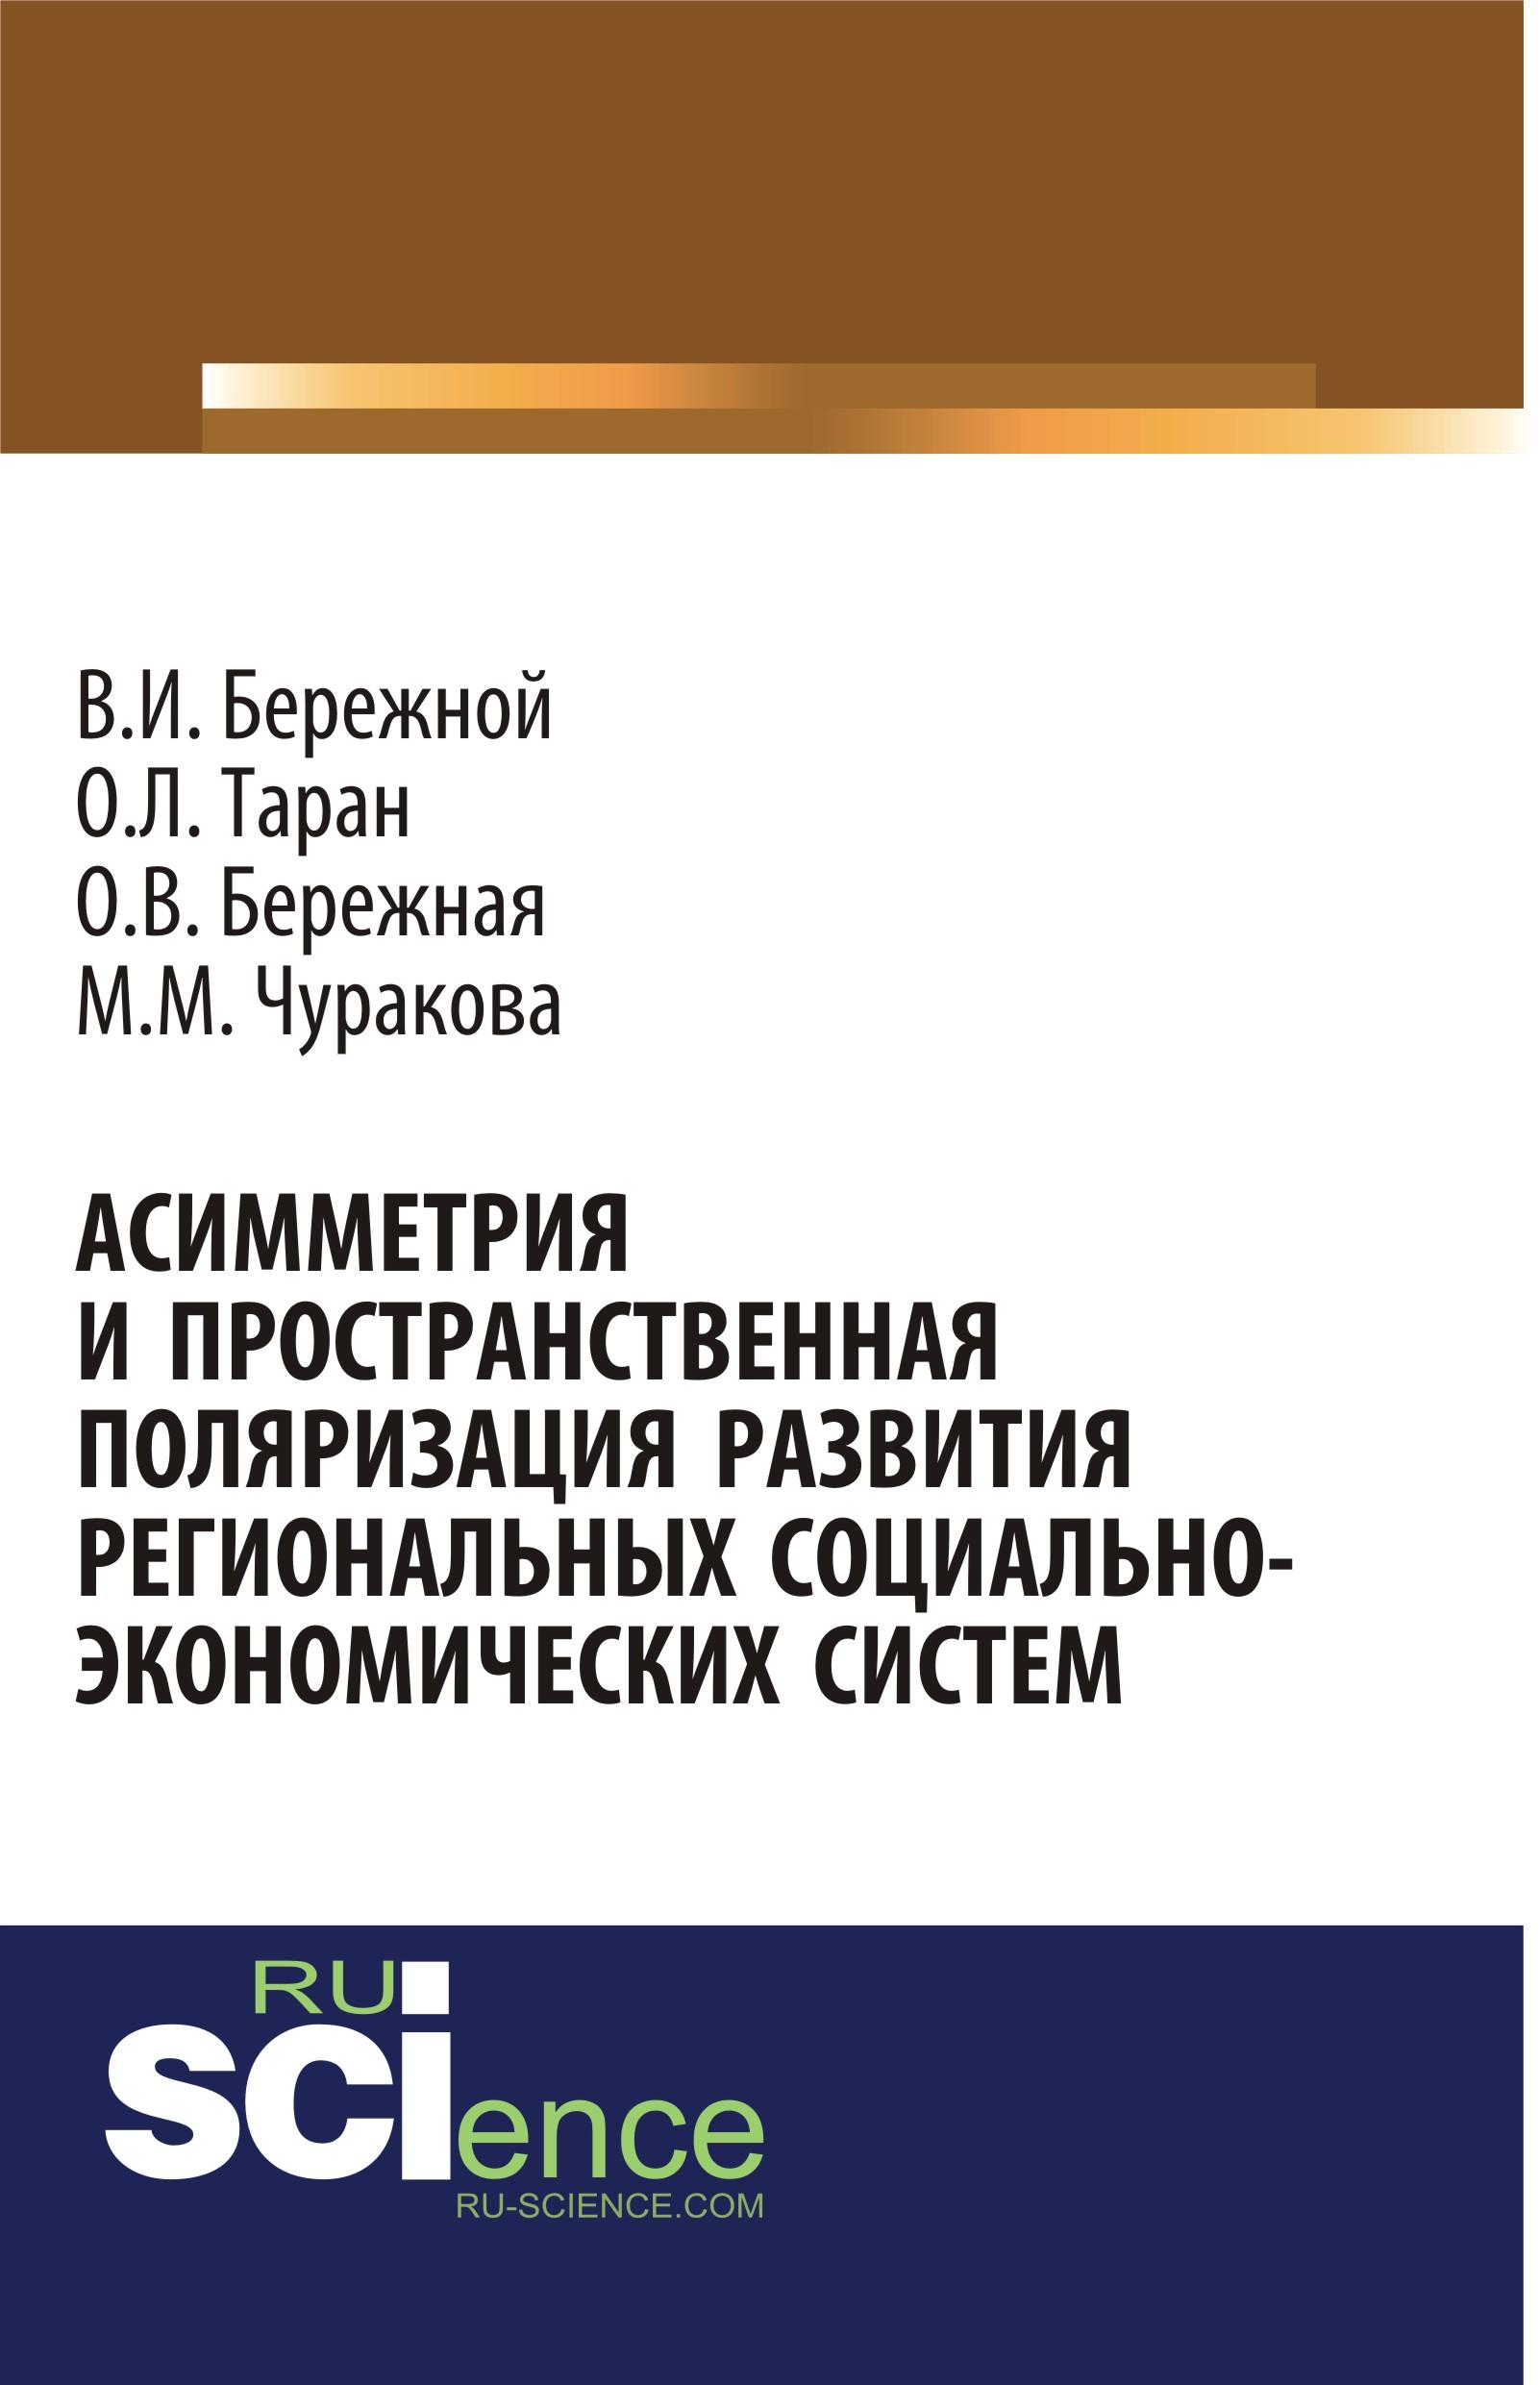 Асимметрия и пространственная поляризация развития региональных социально-экономических систем